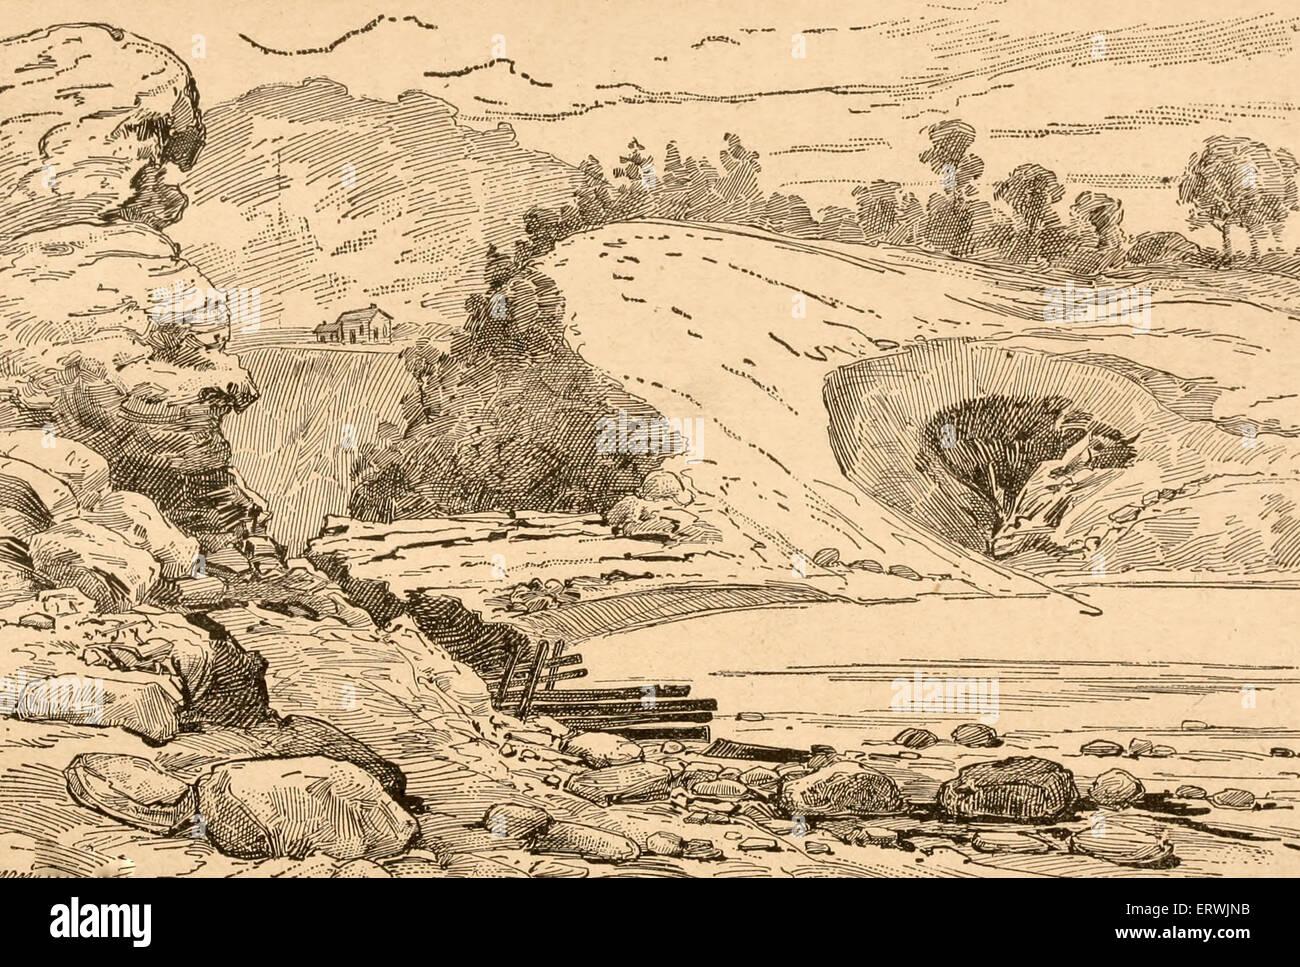 The Broken Dam - Johnstown Flood, 1889 - Stock Image